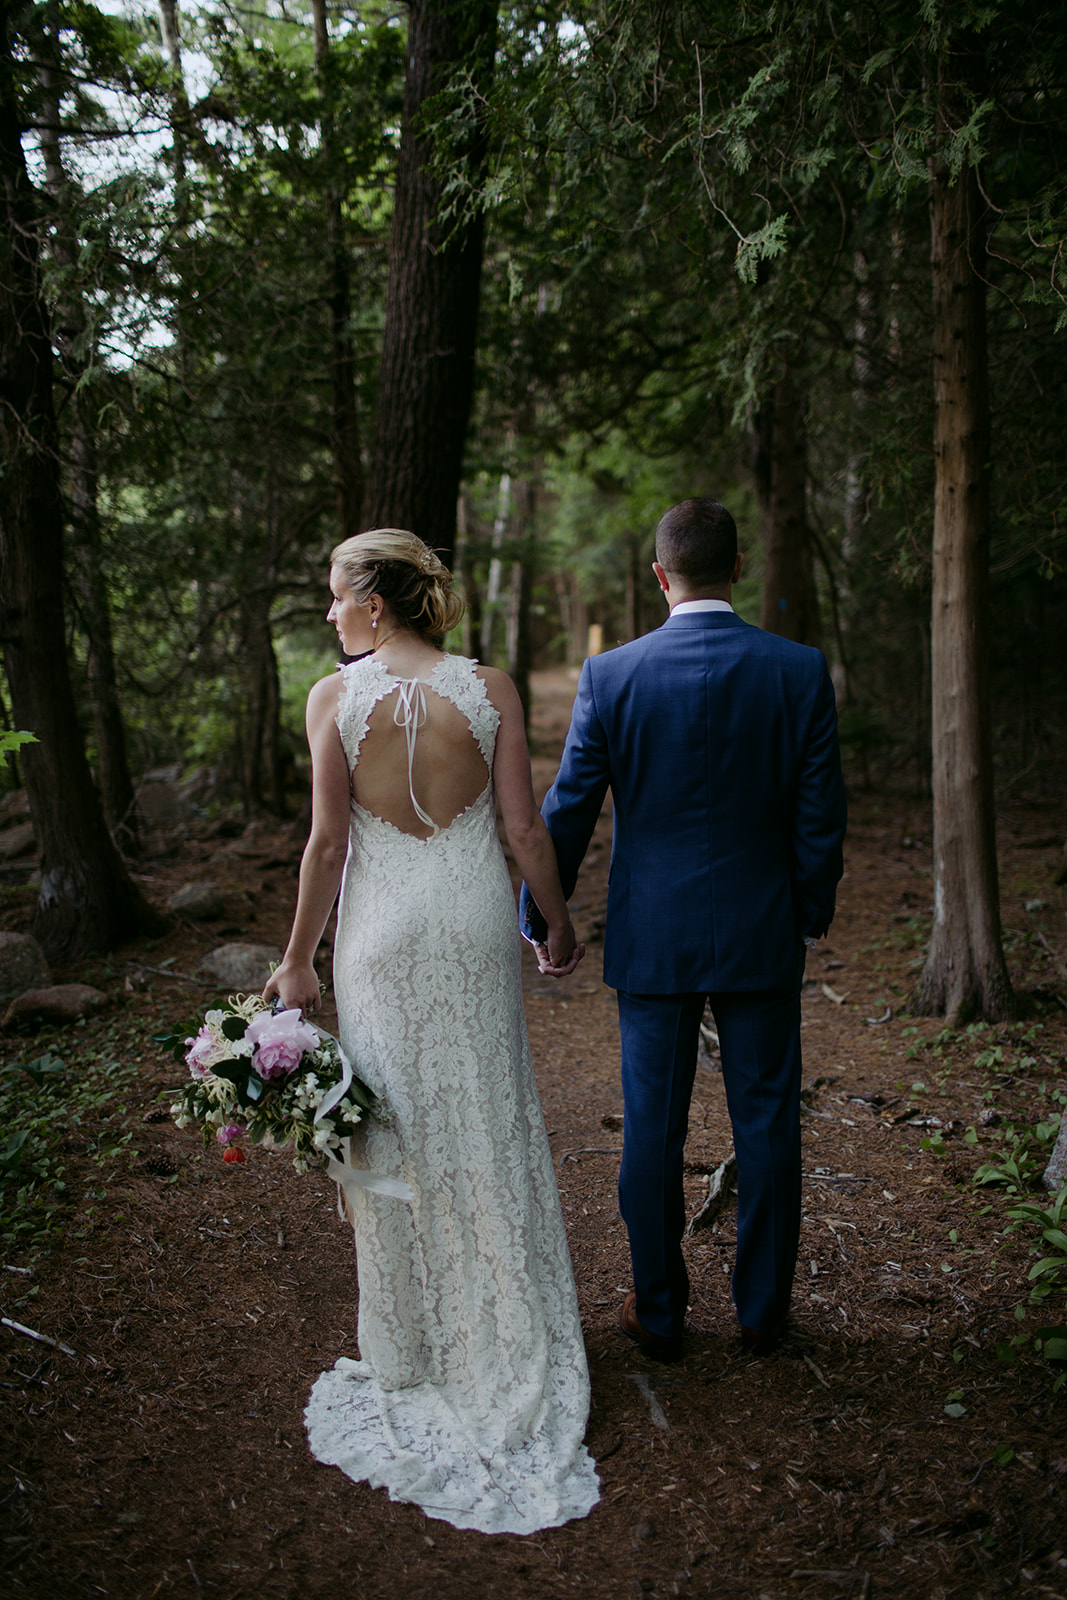 Watershed_Floral_Acadia_Maine_Wedding_Florist__Acadia_385.jpg